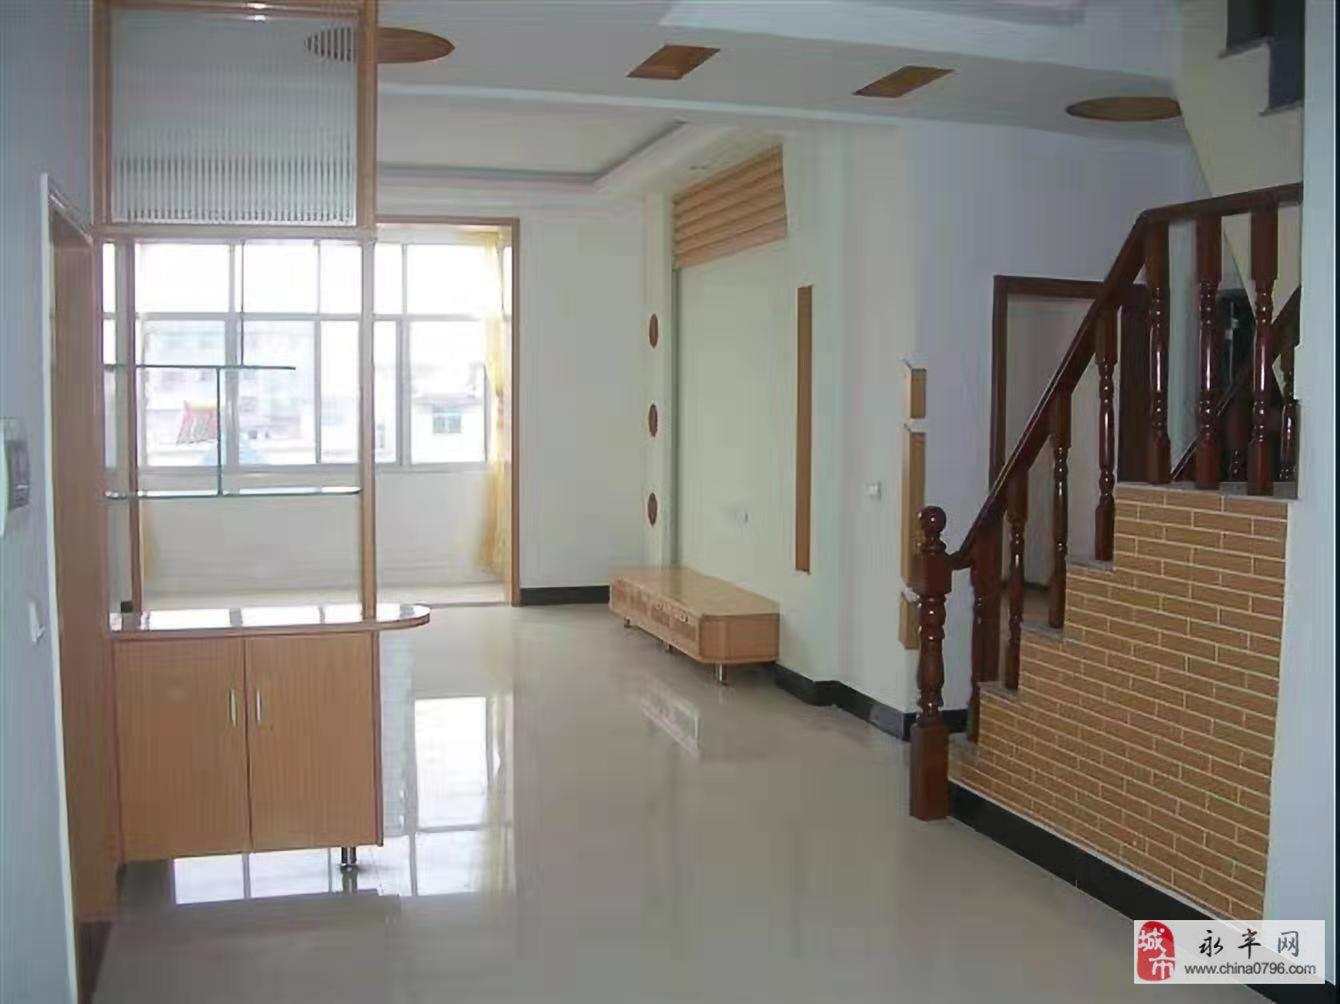 荷香苑4室2厅2卫138万元